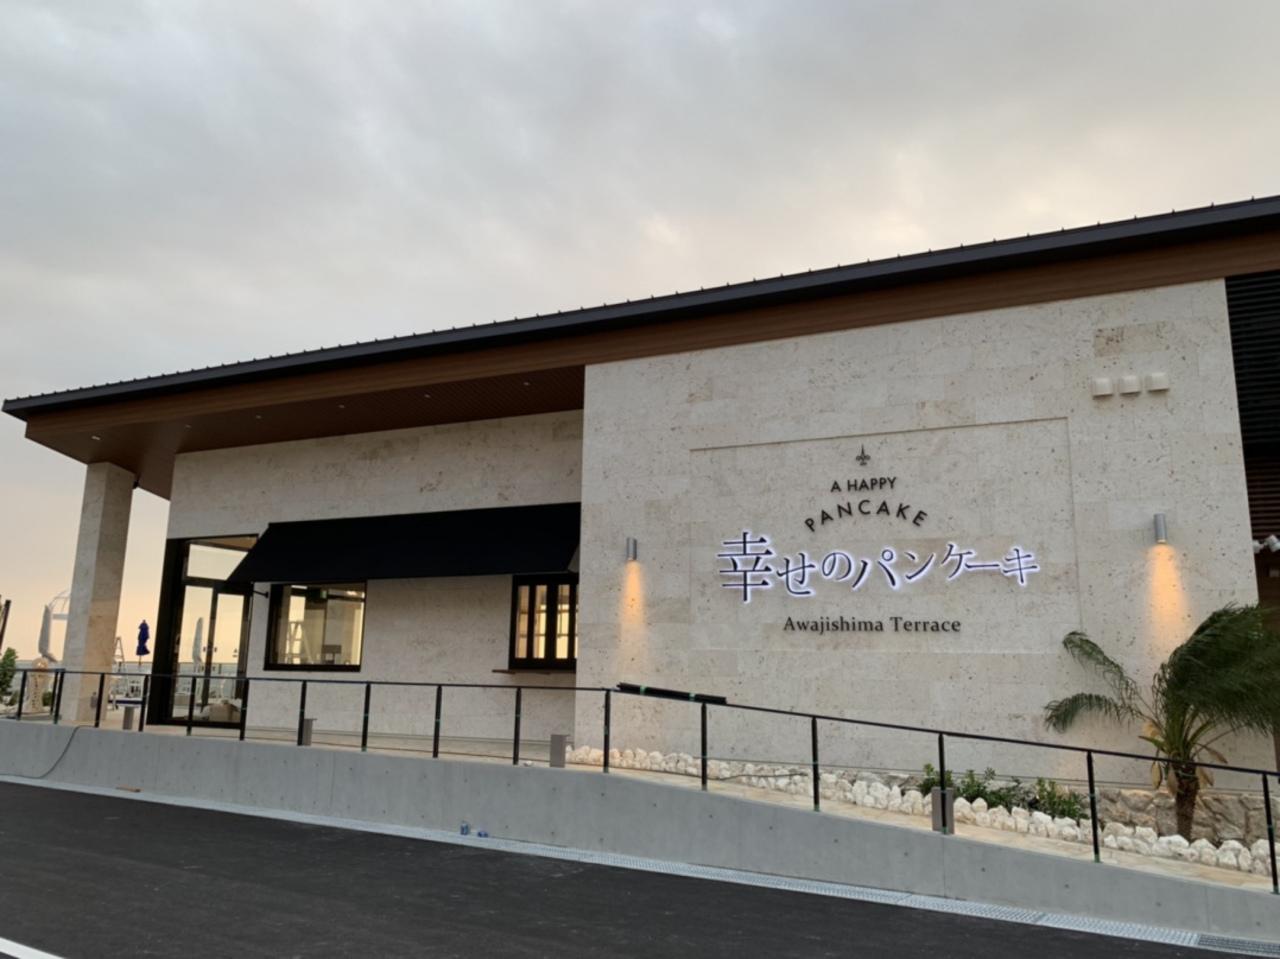 兵庫県淡路島の尾崎にリゾート空間「幸せのパンケーキ淡路島リゾート」7月7日オープン!